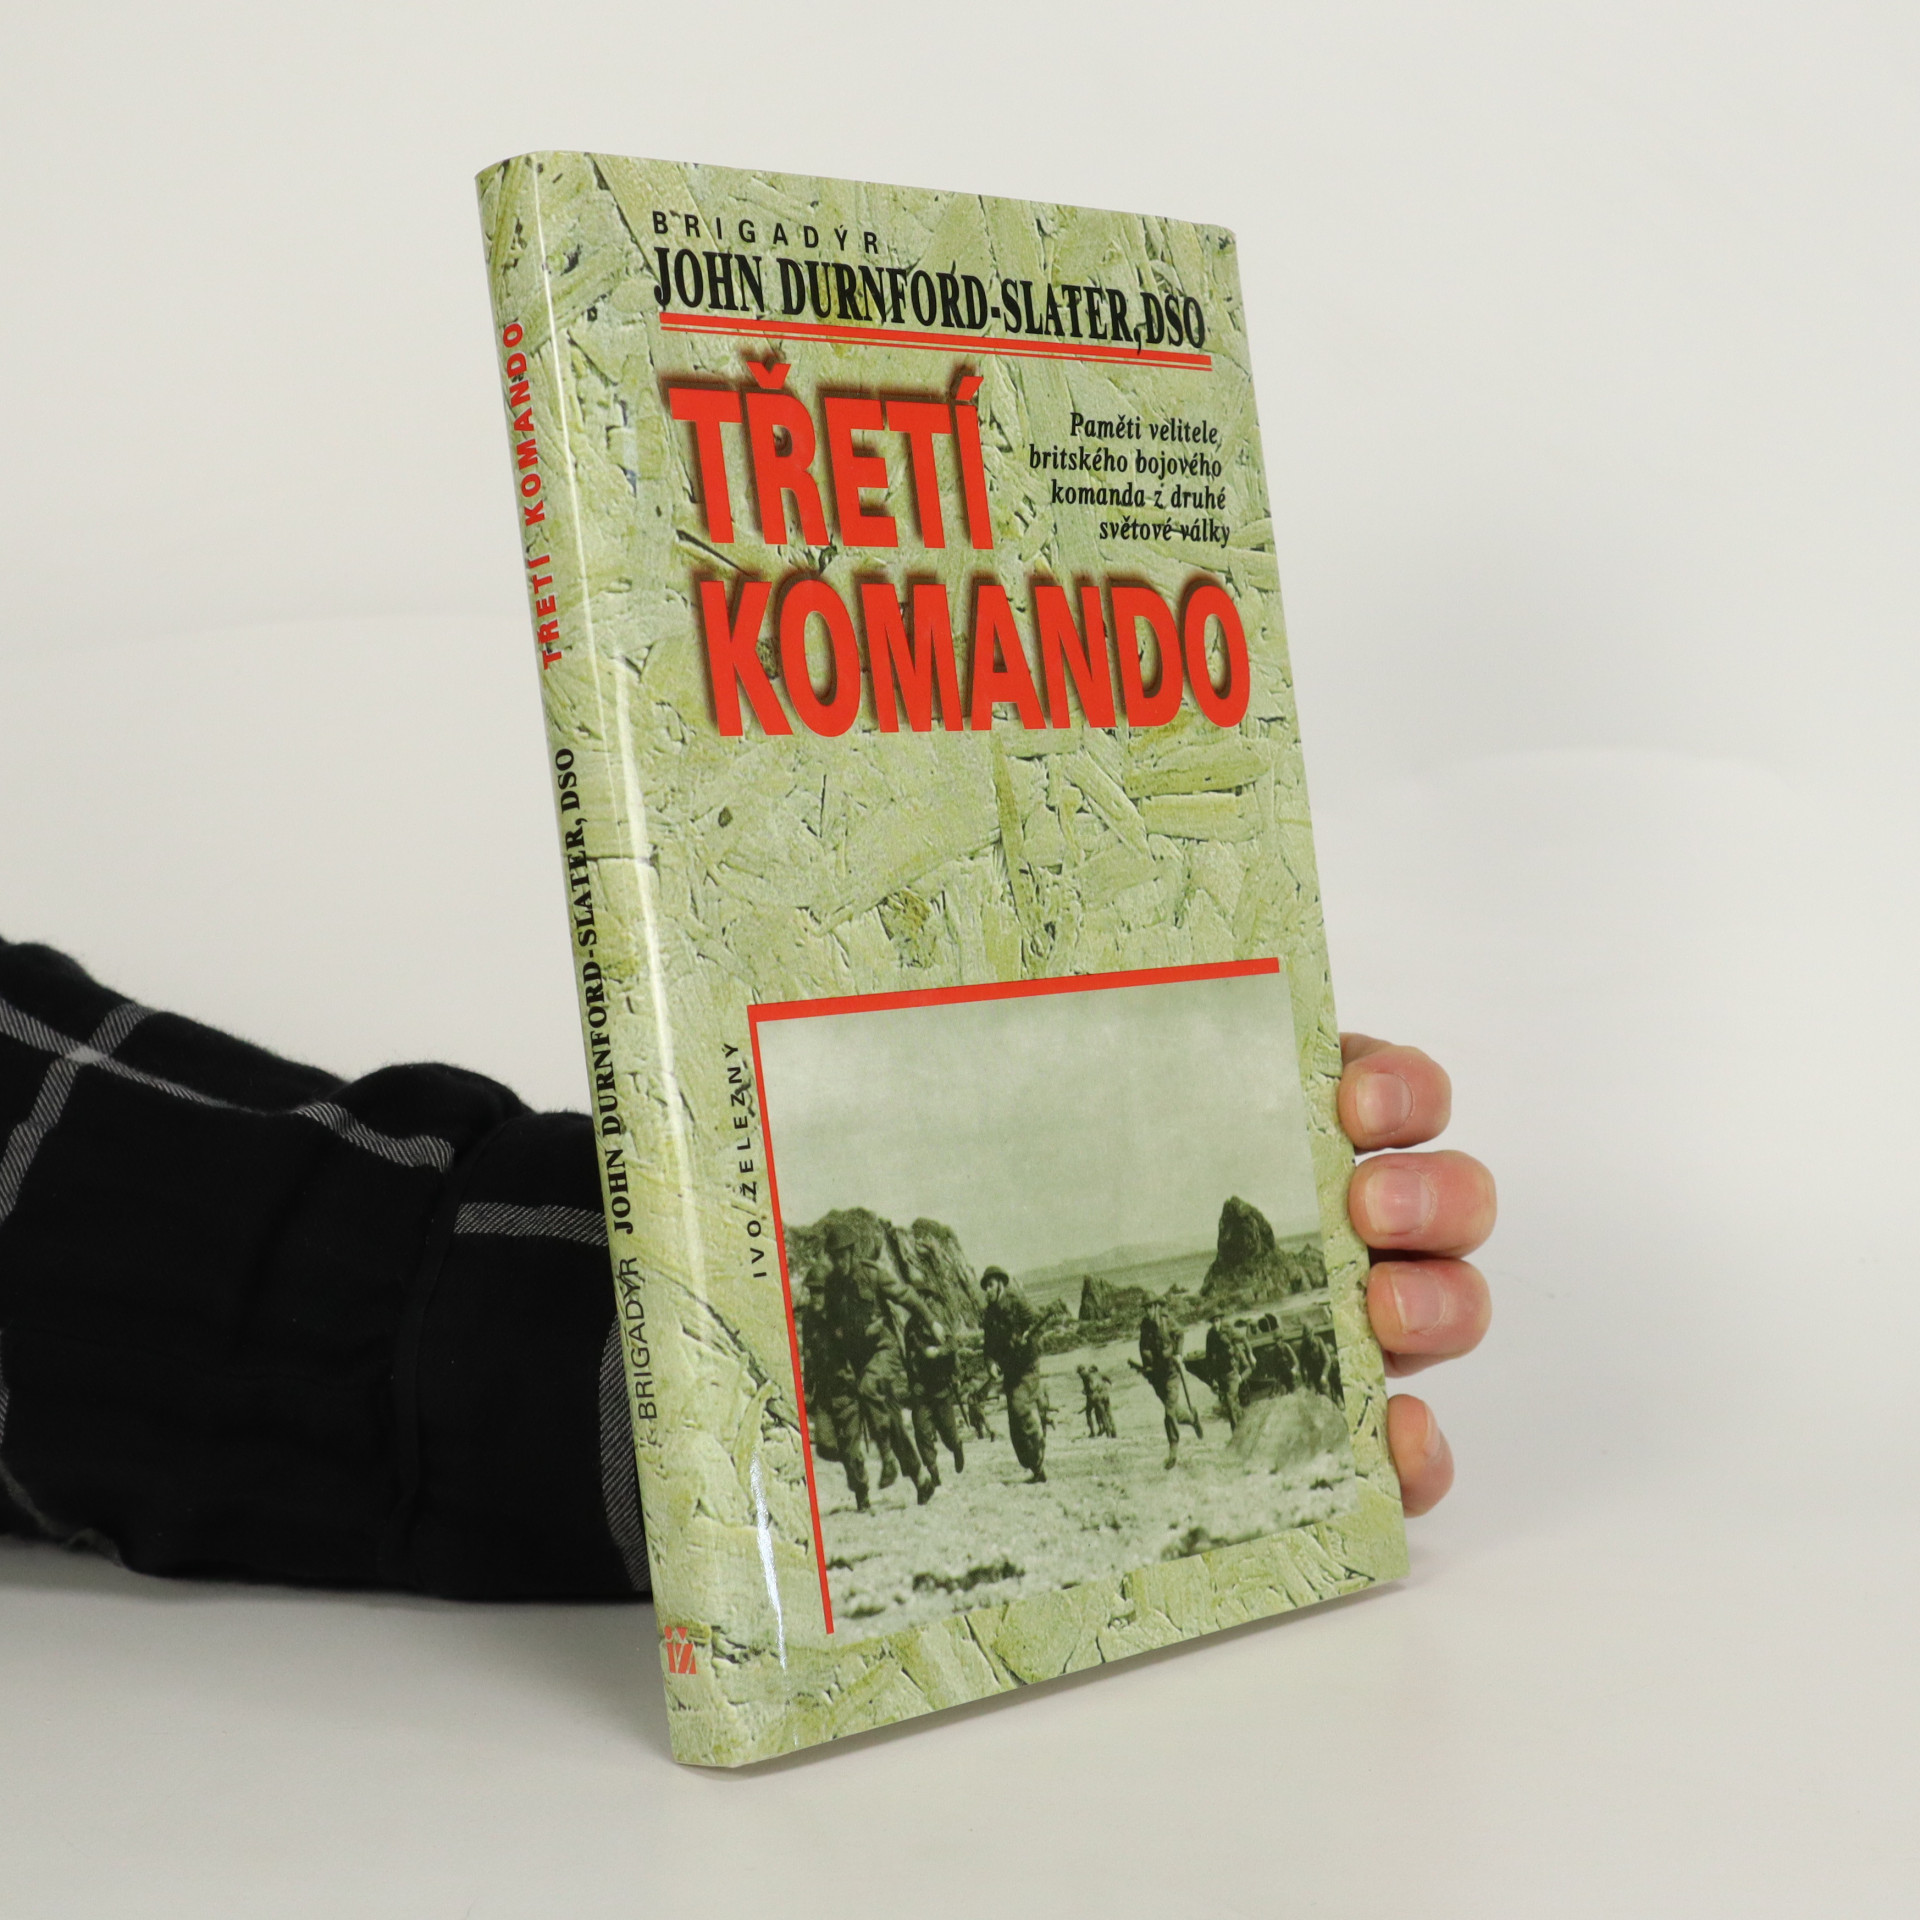 antikvární kniha Třetí komando. Paměti velitele britského bojového komanda z druhé světové války, 1998